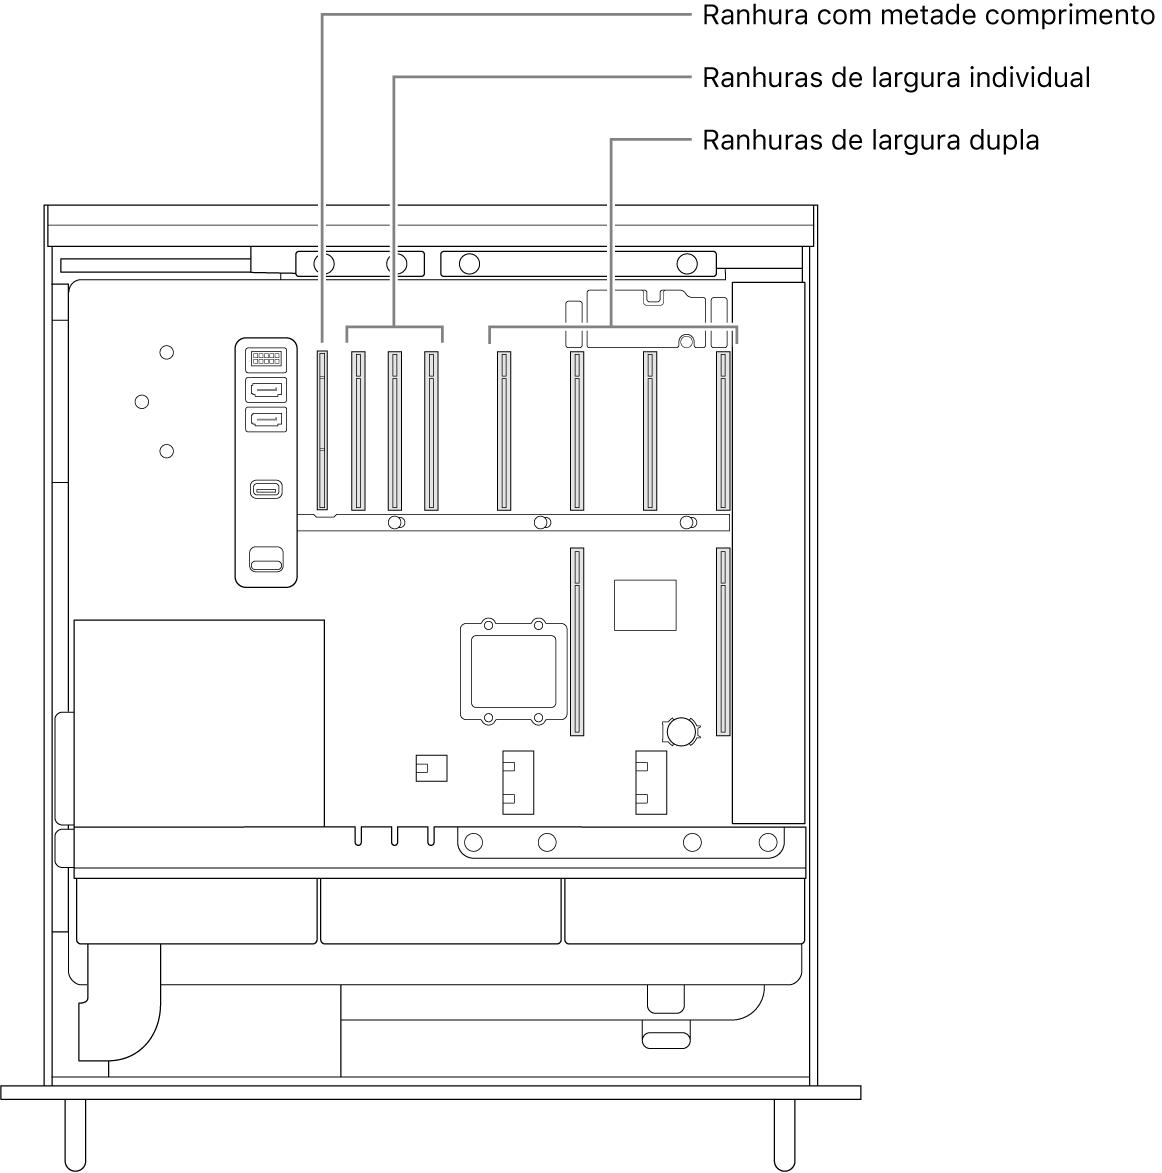 A lateral do Mac Pro aberta com indicações que mostram onde estão localizadas as quatro ranhuras de largura dupla, as três ranhuras de largura individual e a ranhura com metade do comprimento.